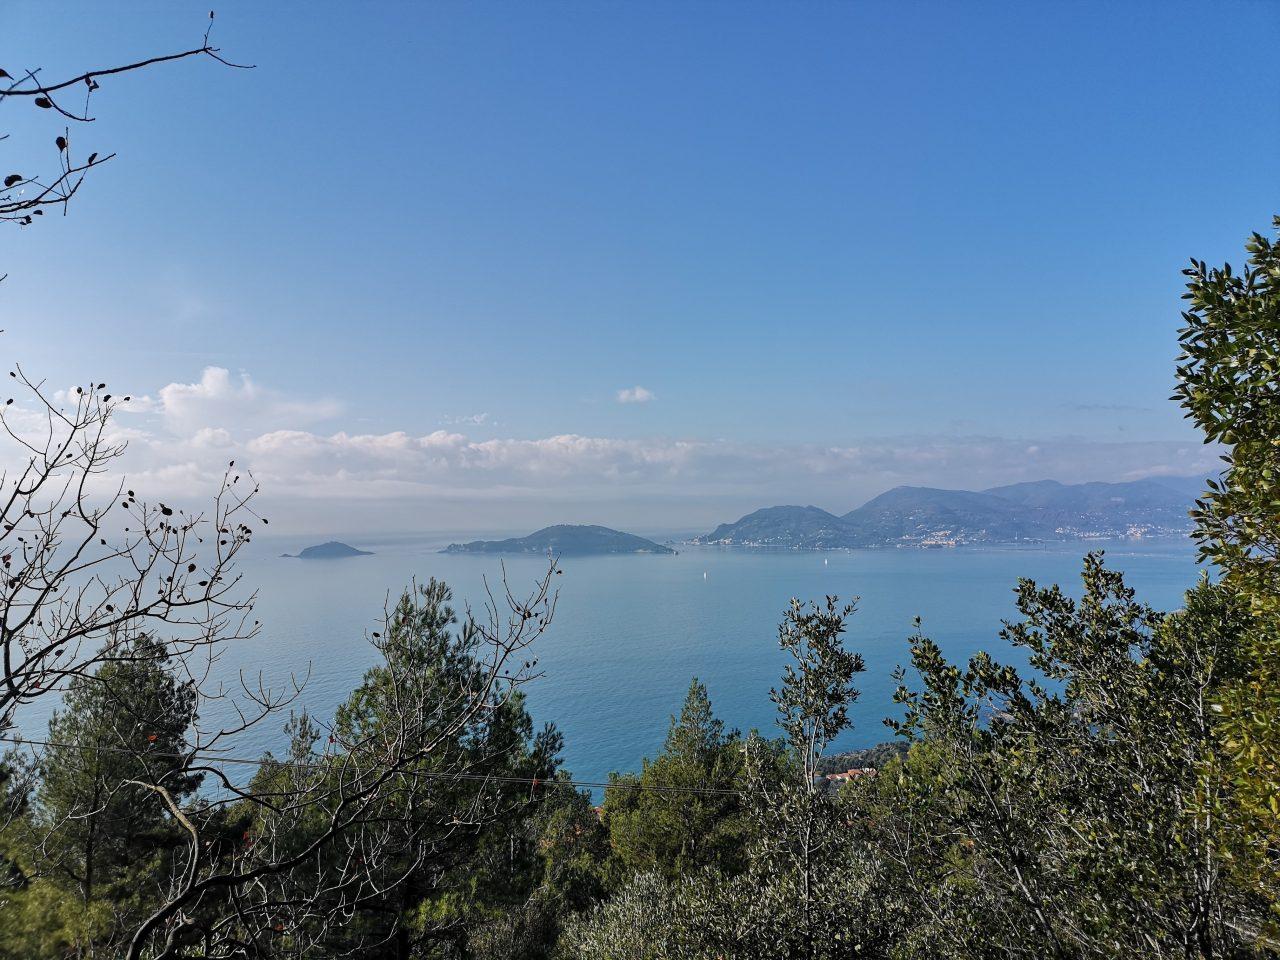 Blick auf die Küste bei Levanto in Italien